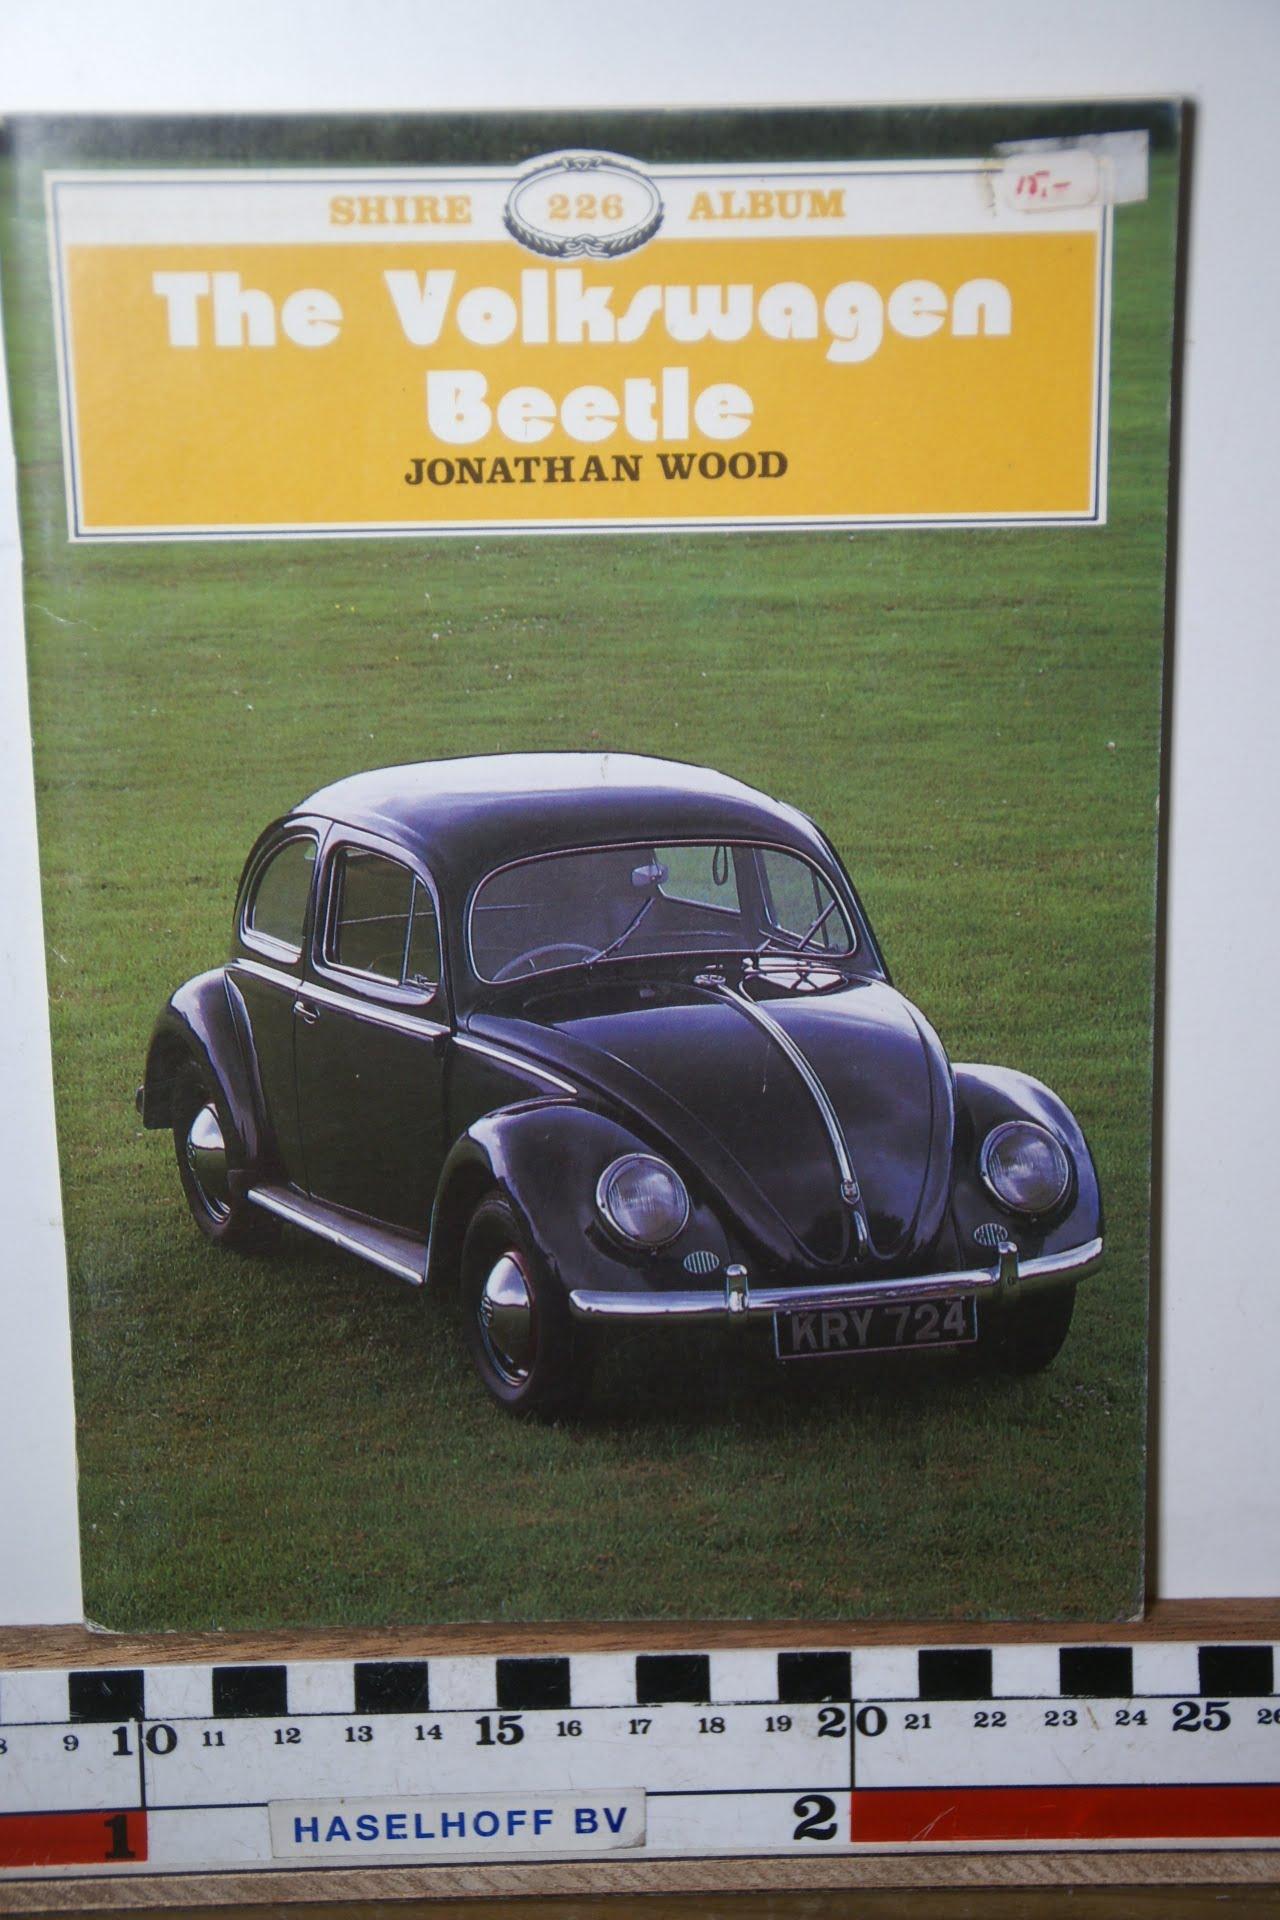 Jonathan Wood The Volkswagen Beetle 180205-3701-0